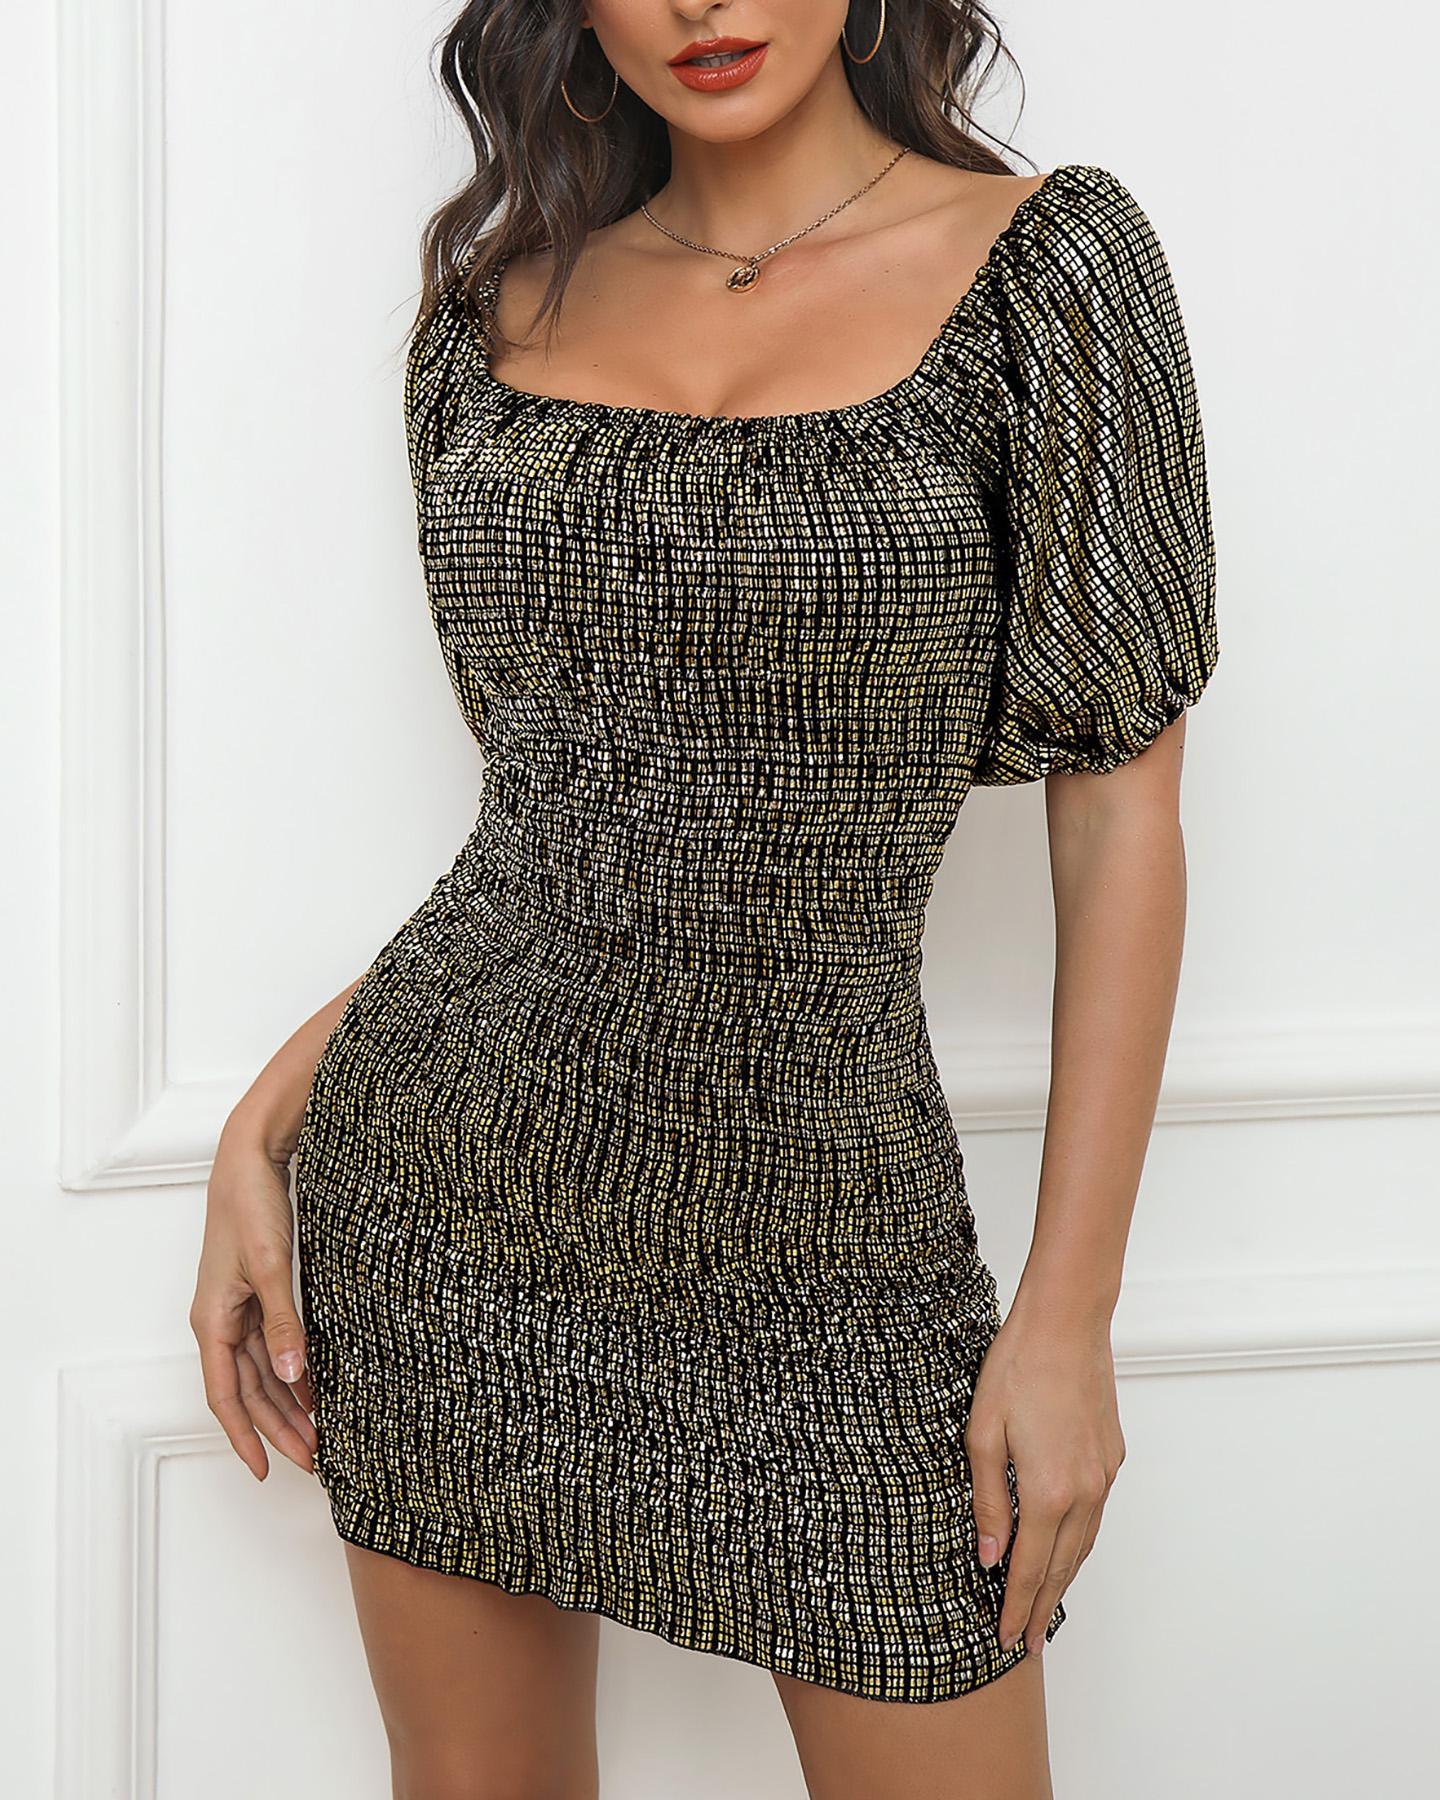 ivrose / Vestido de lantejoulas com decote quadrado e brilho